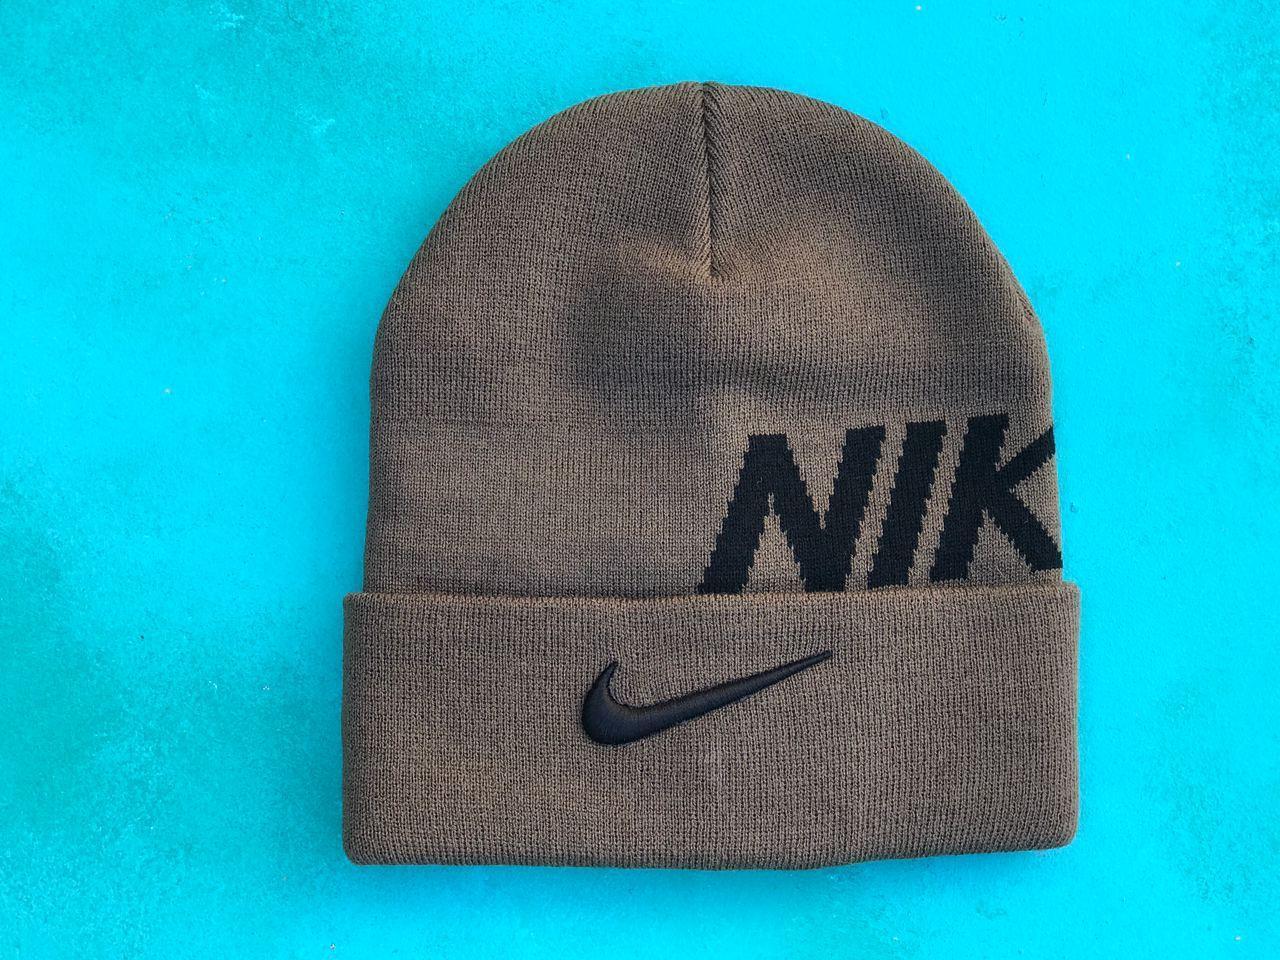 Шапка Nike  / шапка найк/ шапка женская/шапка мужская/хаки